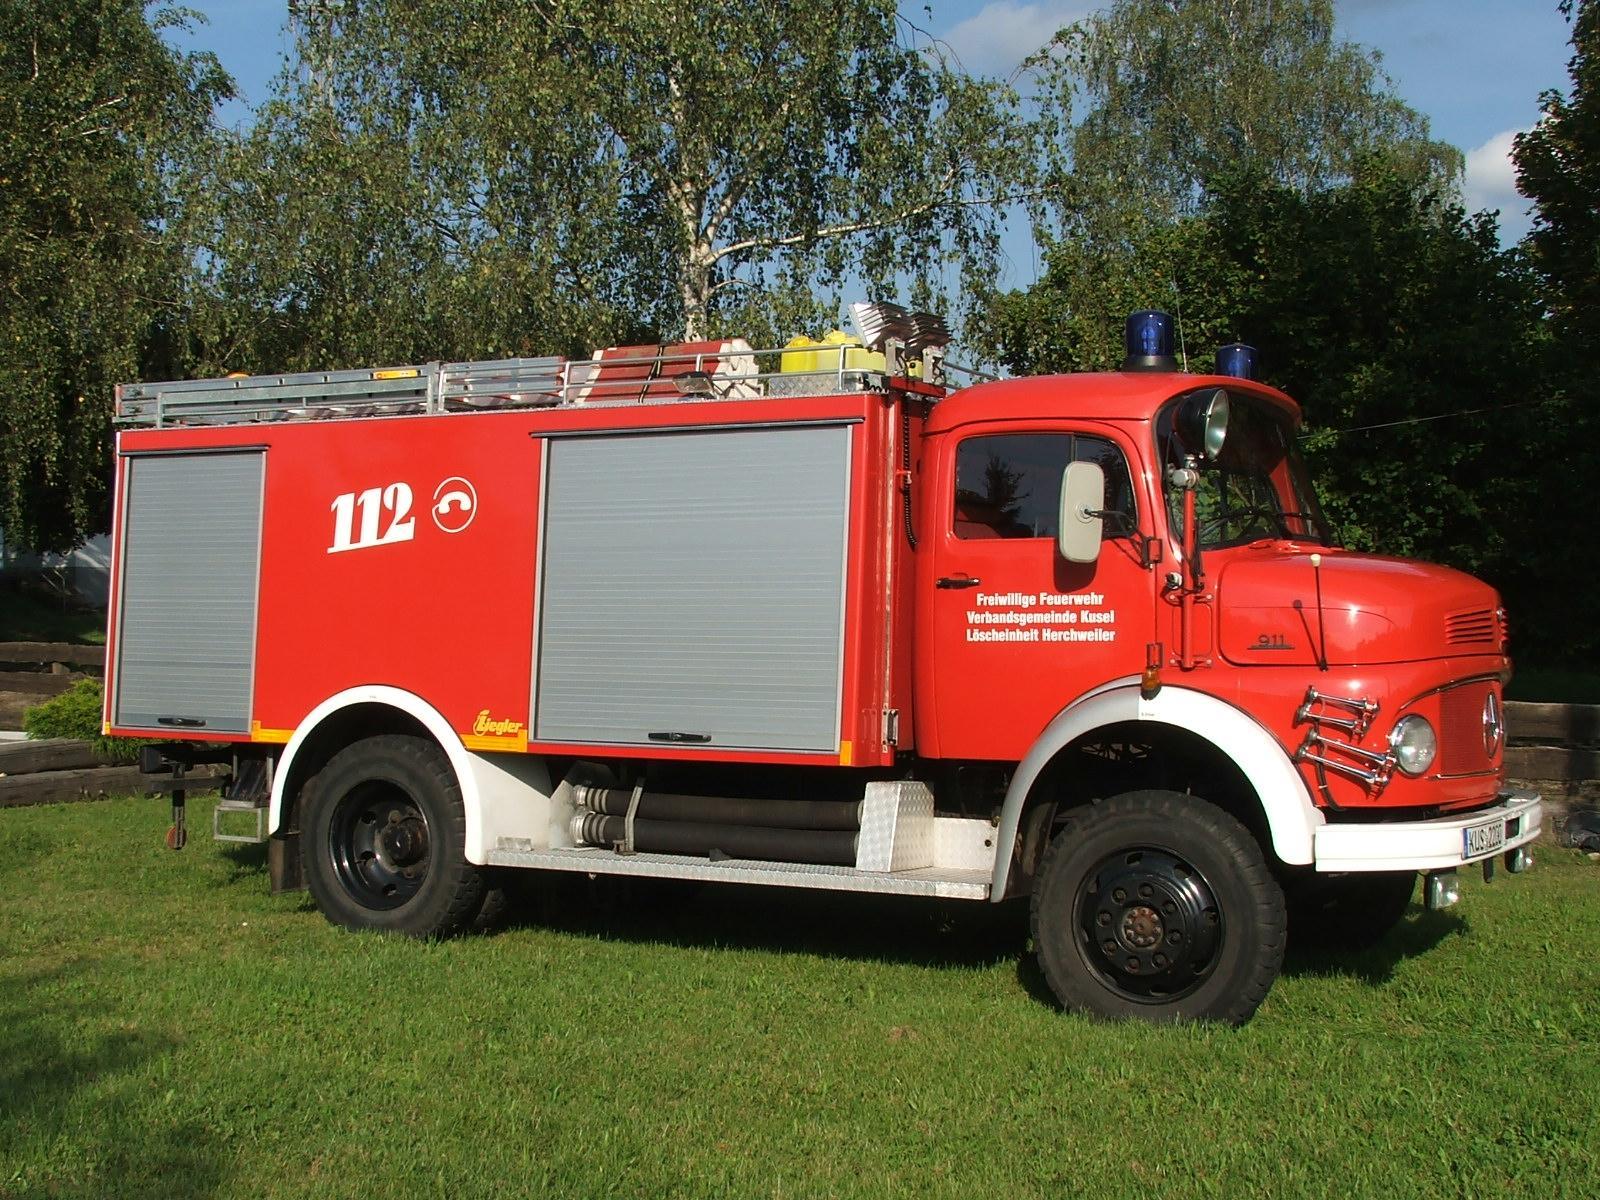 TLF 8/24(Feuerwehr Herchweiler)